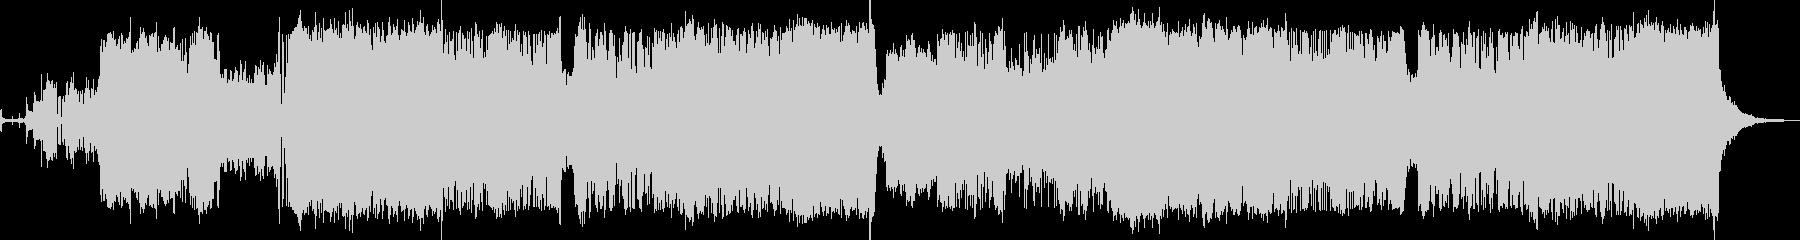 コンピュータを連想する戦闘曲の未再生の波形